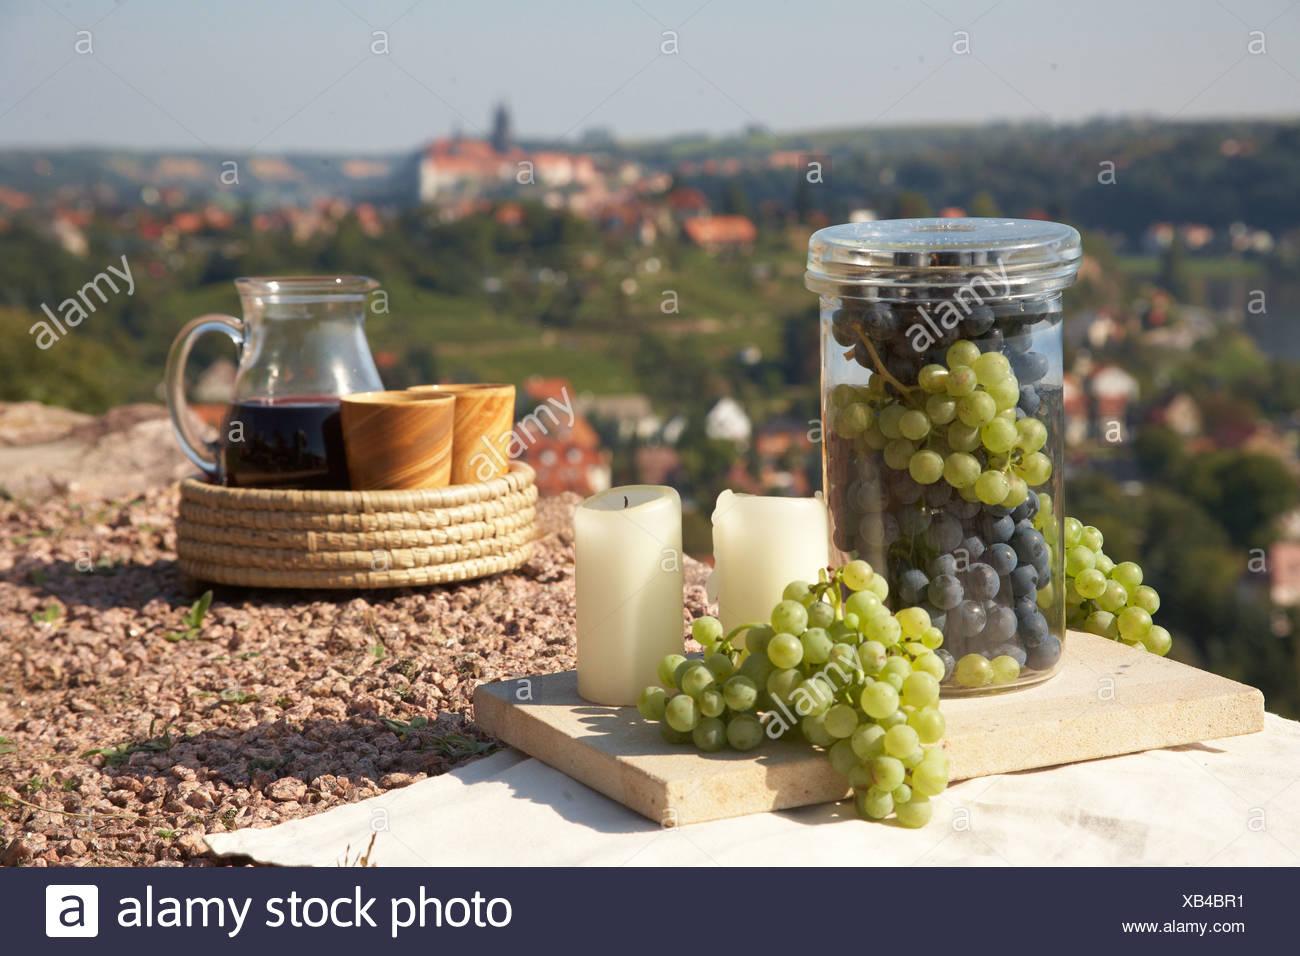 Stillleben mit Wein, Trauben, Wein Dekanter, Wein Tassen und Kerzen vor dem Hintergrund von Meißen, Sachsen, Deutschland, Europa Stockbild